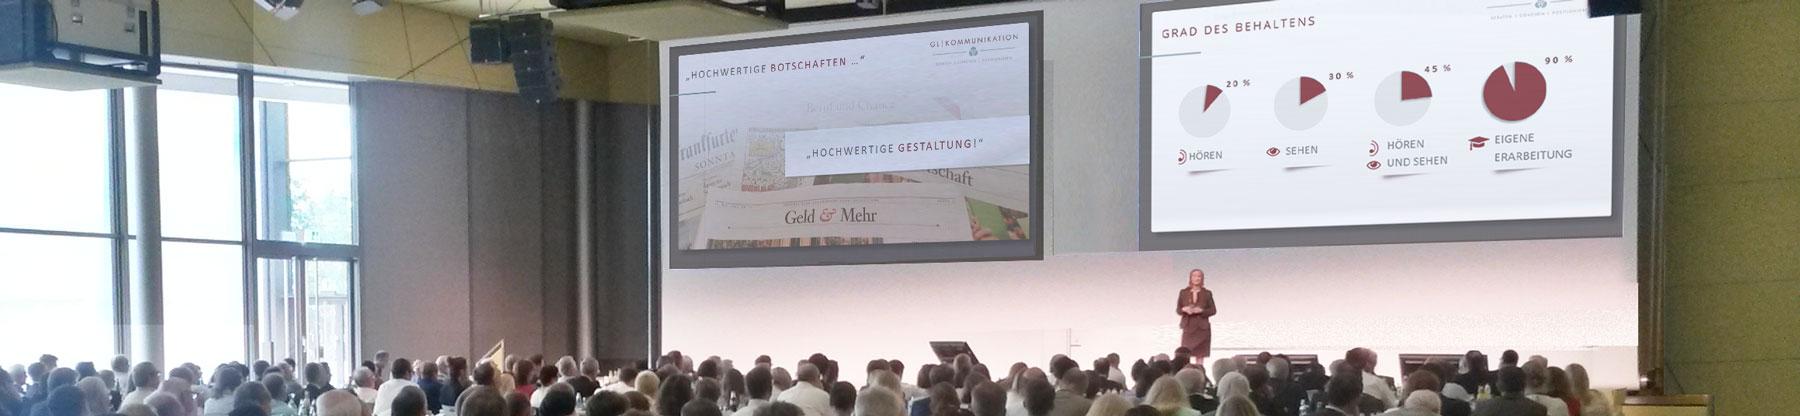 Keynote Vortrag vor Publikum